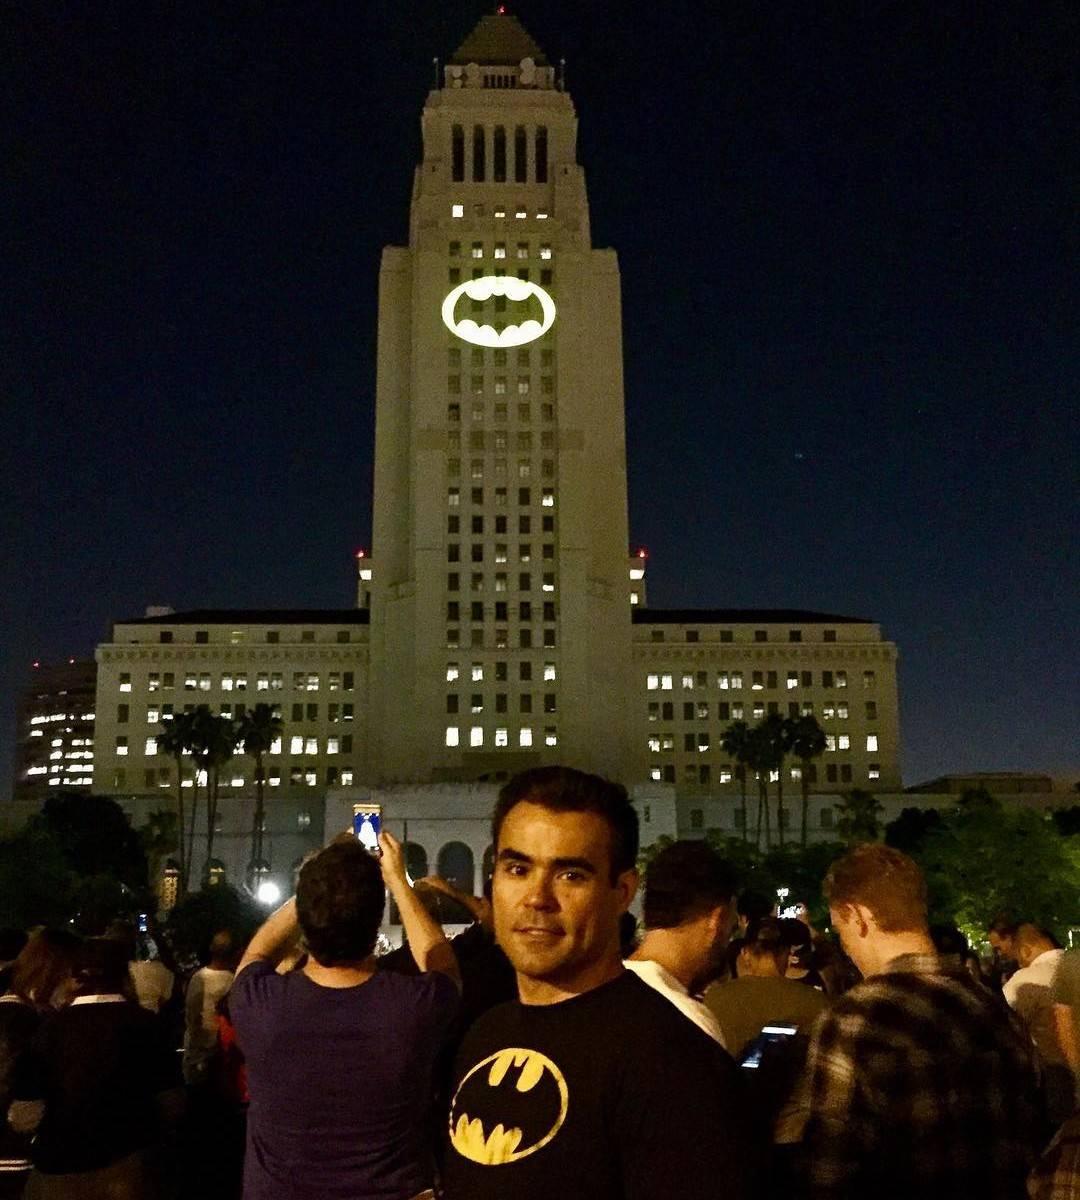 В честь Адама Уэста в Лос-Анджелесе установят памятник в виде бэт-сигнала 3